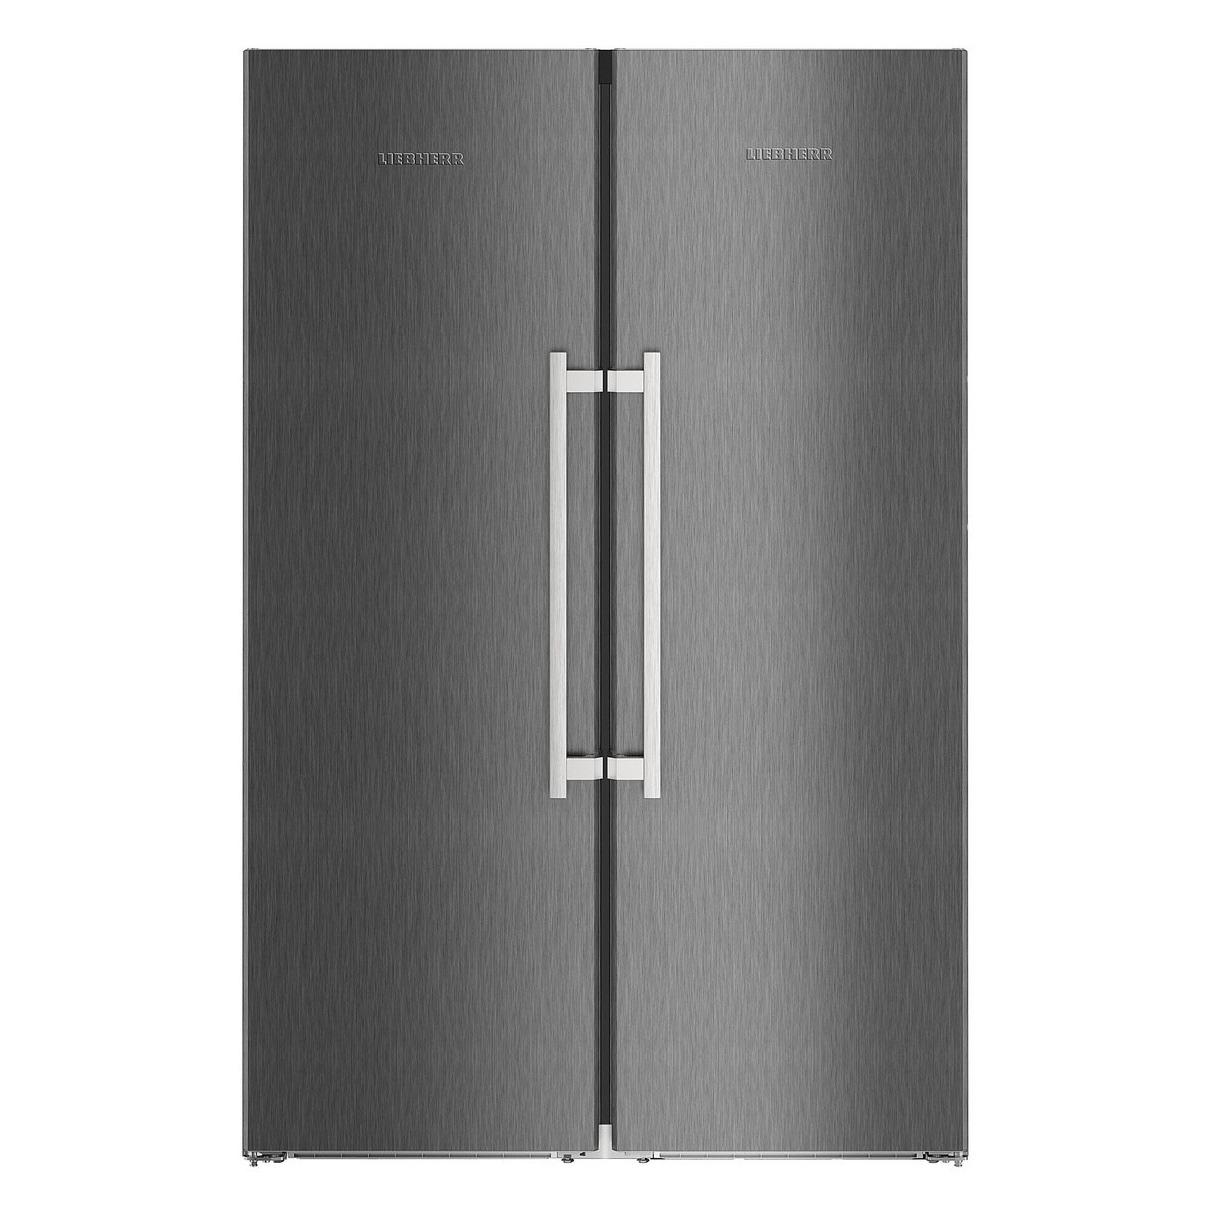 Liebherr amerikaanse koelkast SBSbs 8673 20